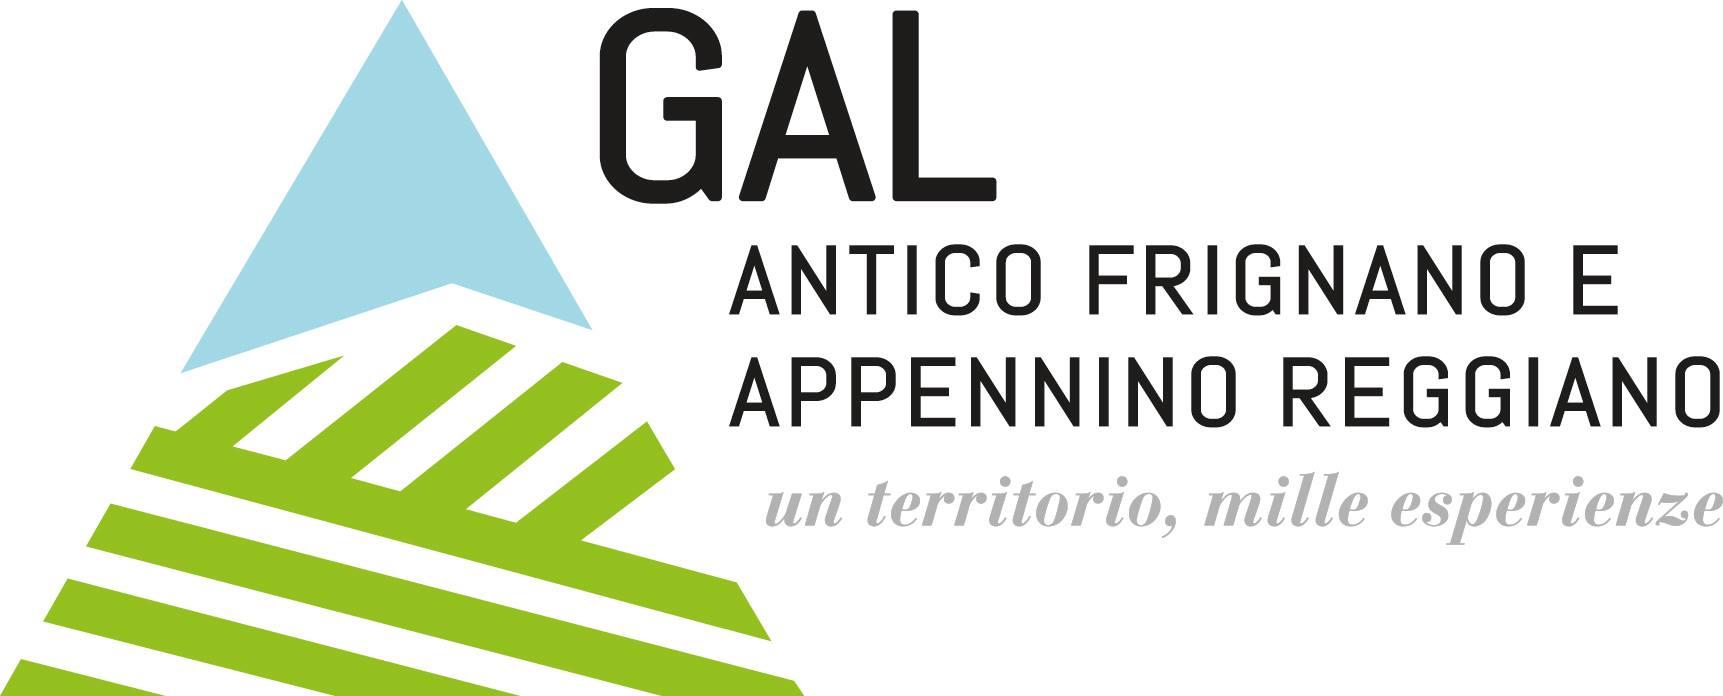 Dal GAL Modena-Reggio nuove energie per l'Appennino: oltre 700mila euro di contributi per 26 nuove imprese extra-agricole